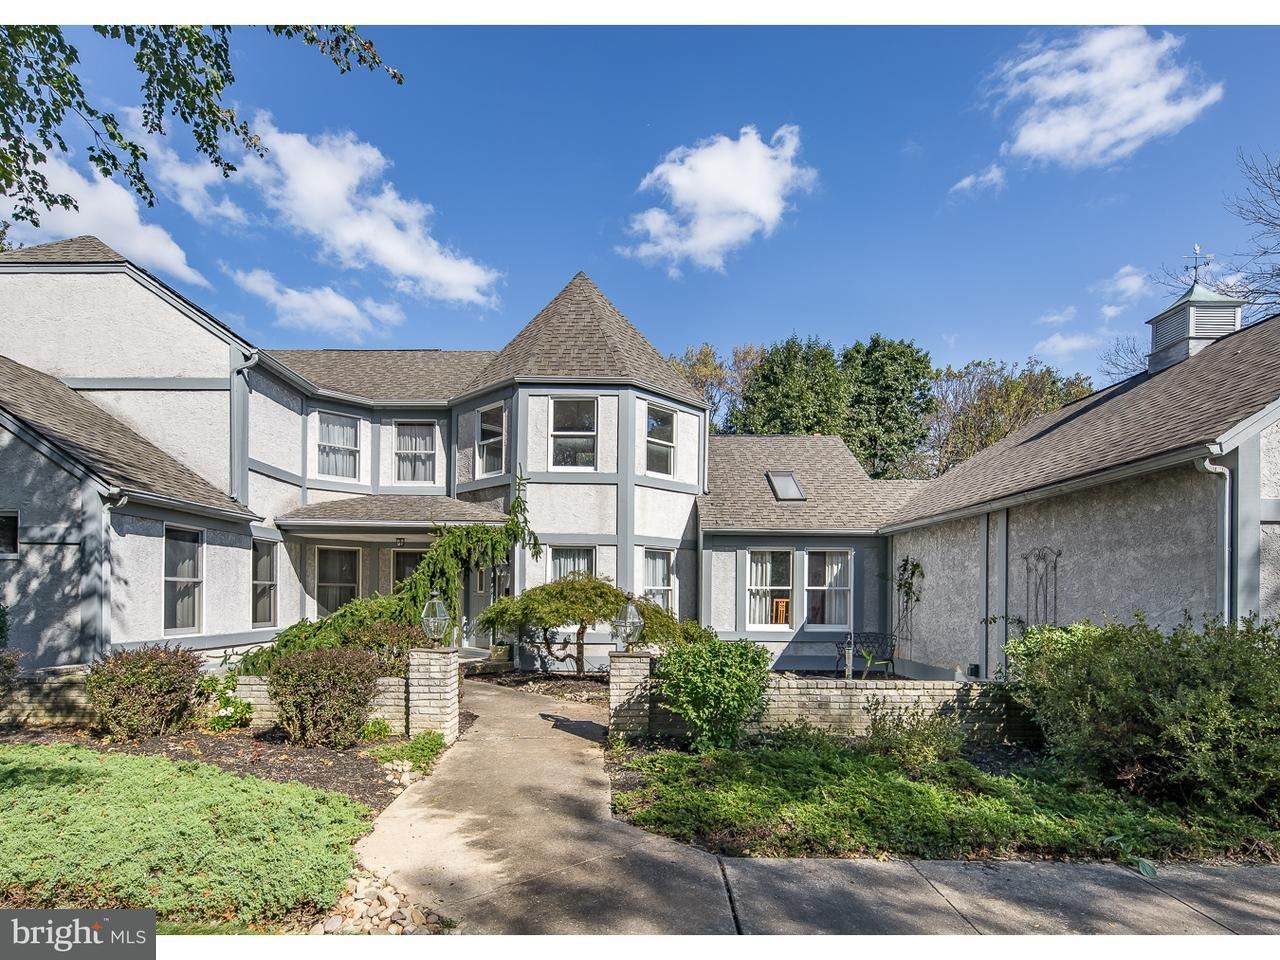 Maison unifamiliale pour l Vente à 435 MULBERRY Court Langhorne, Pennsylvanie 19047 États-Unis